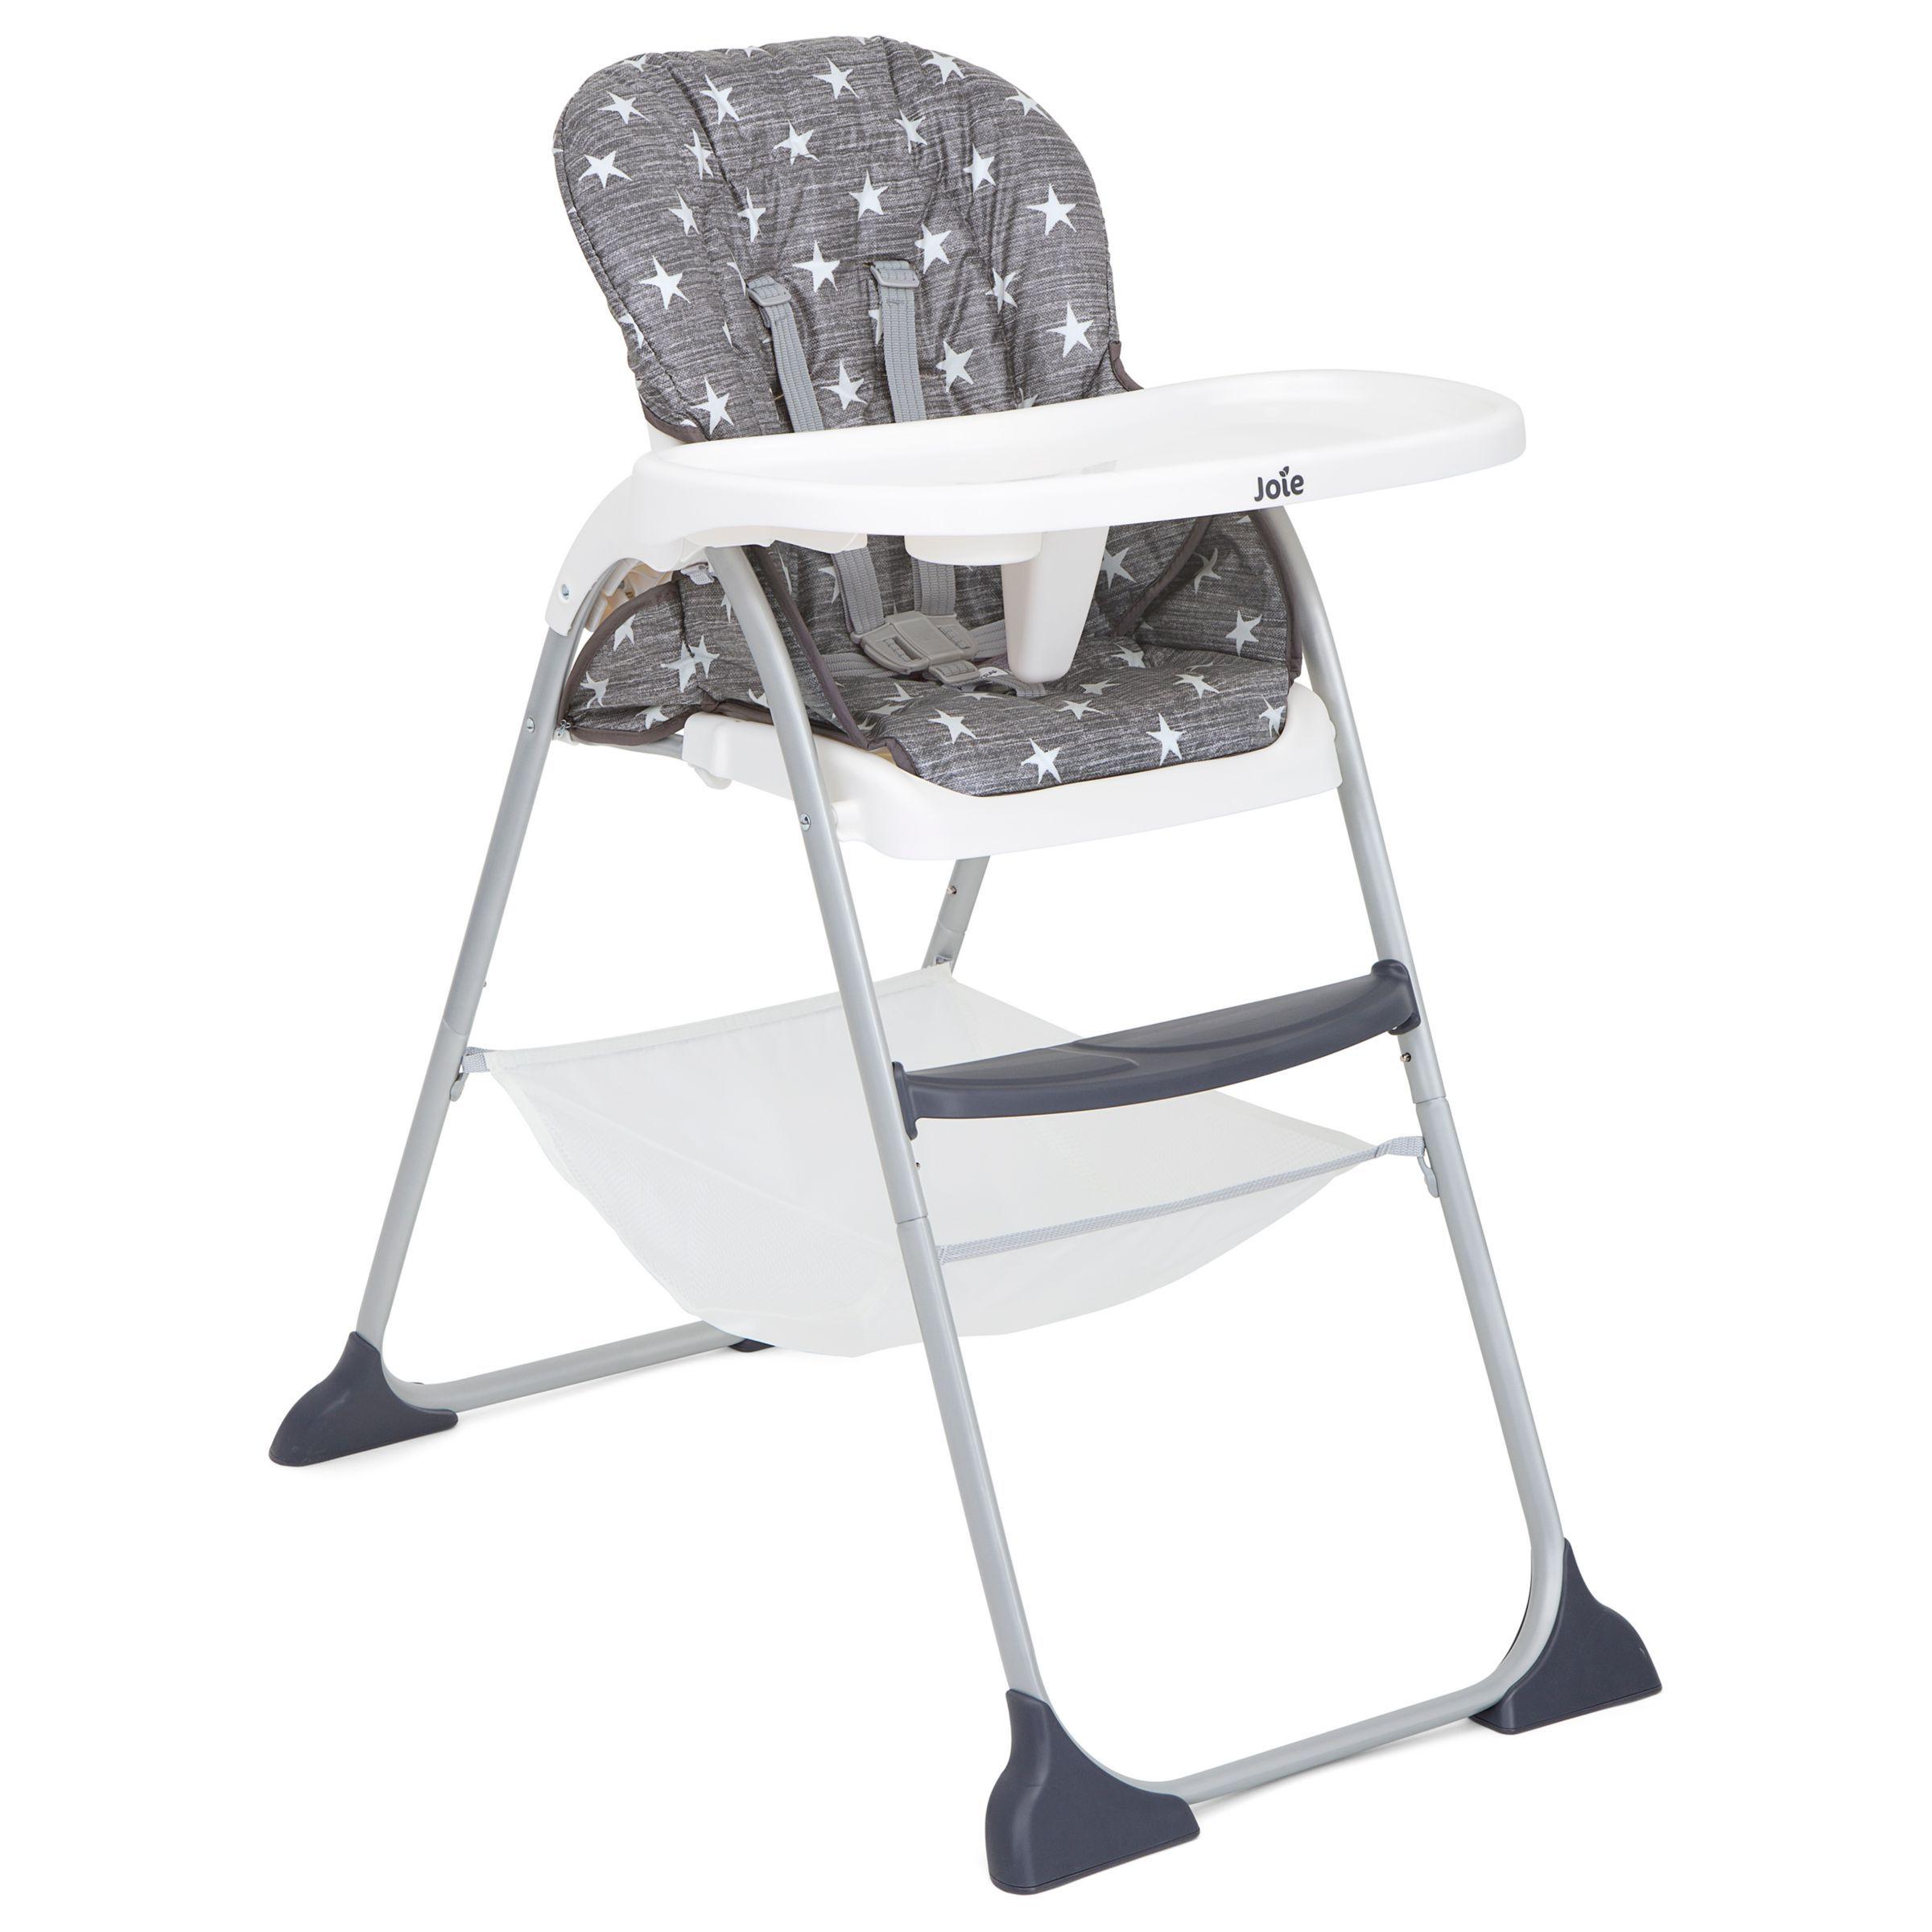 Joie Baby Mimzy Snacker Highchair, Twinkle Linen in 2020